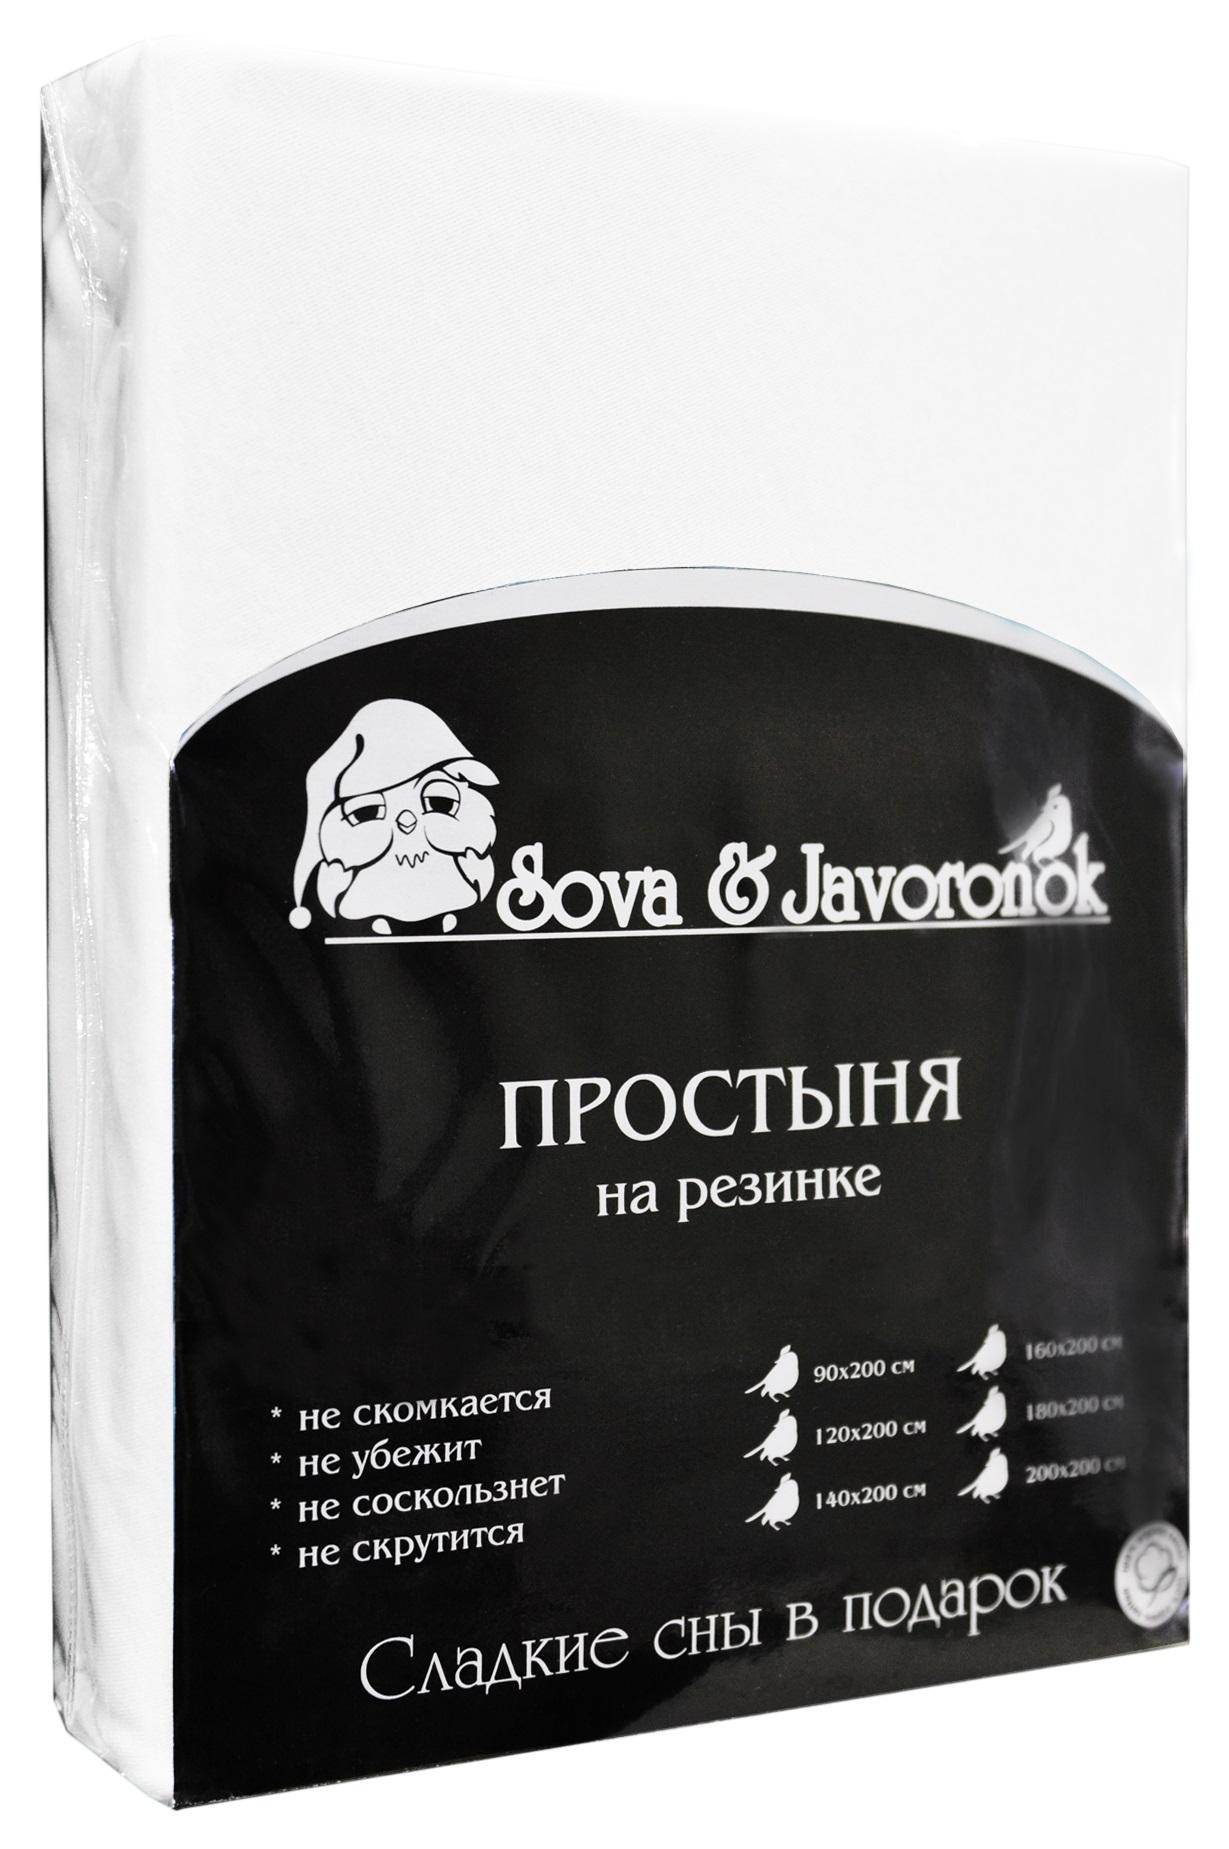 Простыня на резинке Sova & Javoronok, цвет: белый, 140 х 200 см0803114206Простыня на резинке Sova & Javoronok, изготовленная из трикотажной ткани (100% хлопок), будет превосходно смотреться с любыми комплектами белья. Хлопчатобумажный трикотаж по праву считается одним из самых качественных, прочных и при этом приятных на ощупь. Его гигиеничность позволяет использовать простыню и в детских комнатах, к тому же 100%-ый хлопок в составе ткани не вызовет аллергии. У трикотажного полотна очень интересная структура, немного рыхлая за счет отсутствия плотного переплетения нитей и наличия особых петель, благодаря этому простыня Сова и Жаворонок отлично пропускает воздух и способствует его постоянной циркуляции. Поэтому ваша постель будет всегда оставаться свежей. Но главное и, пожалуй, самое известное свойство трикотажа - это его великолепная растяжимость, поэтому эта ткань и была выбрана для натяжной простыни на резинке. Простыня прошита резинкой по всему периметру, что обеспечивает более комфортный отдых, так как она прочно...